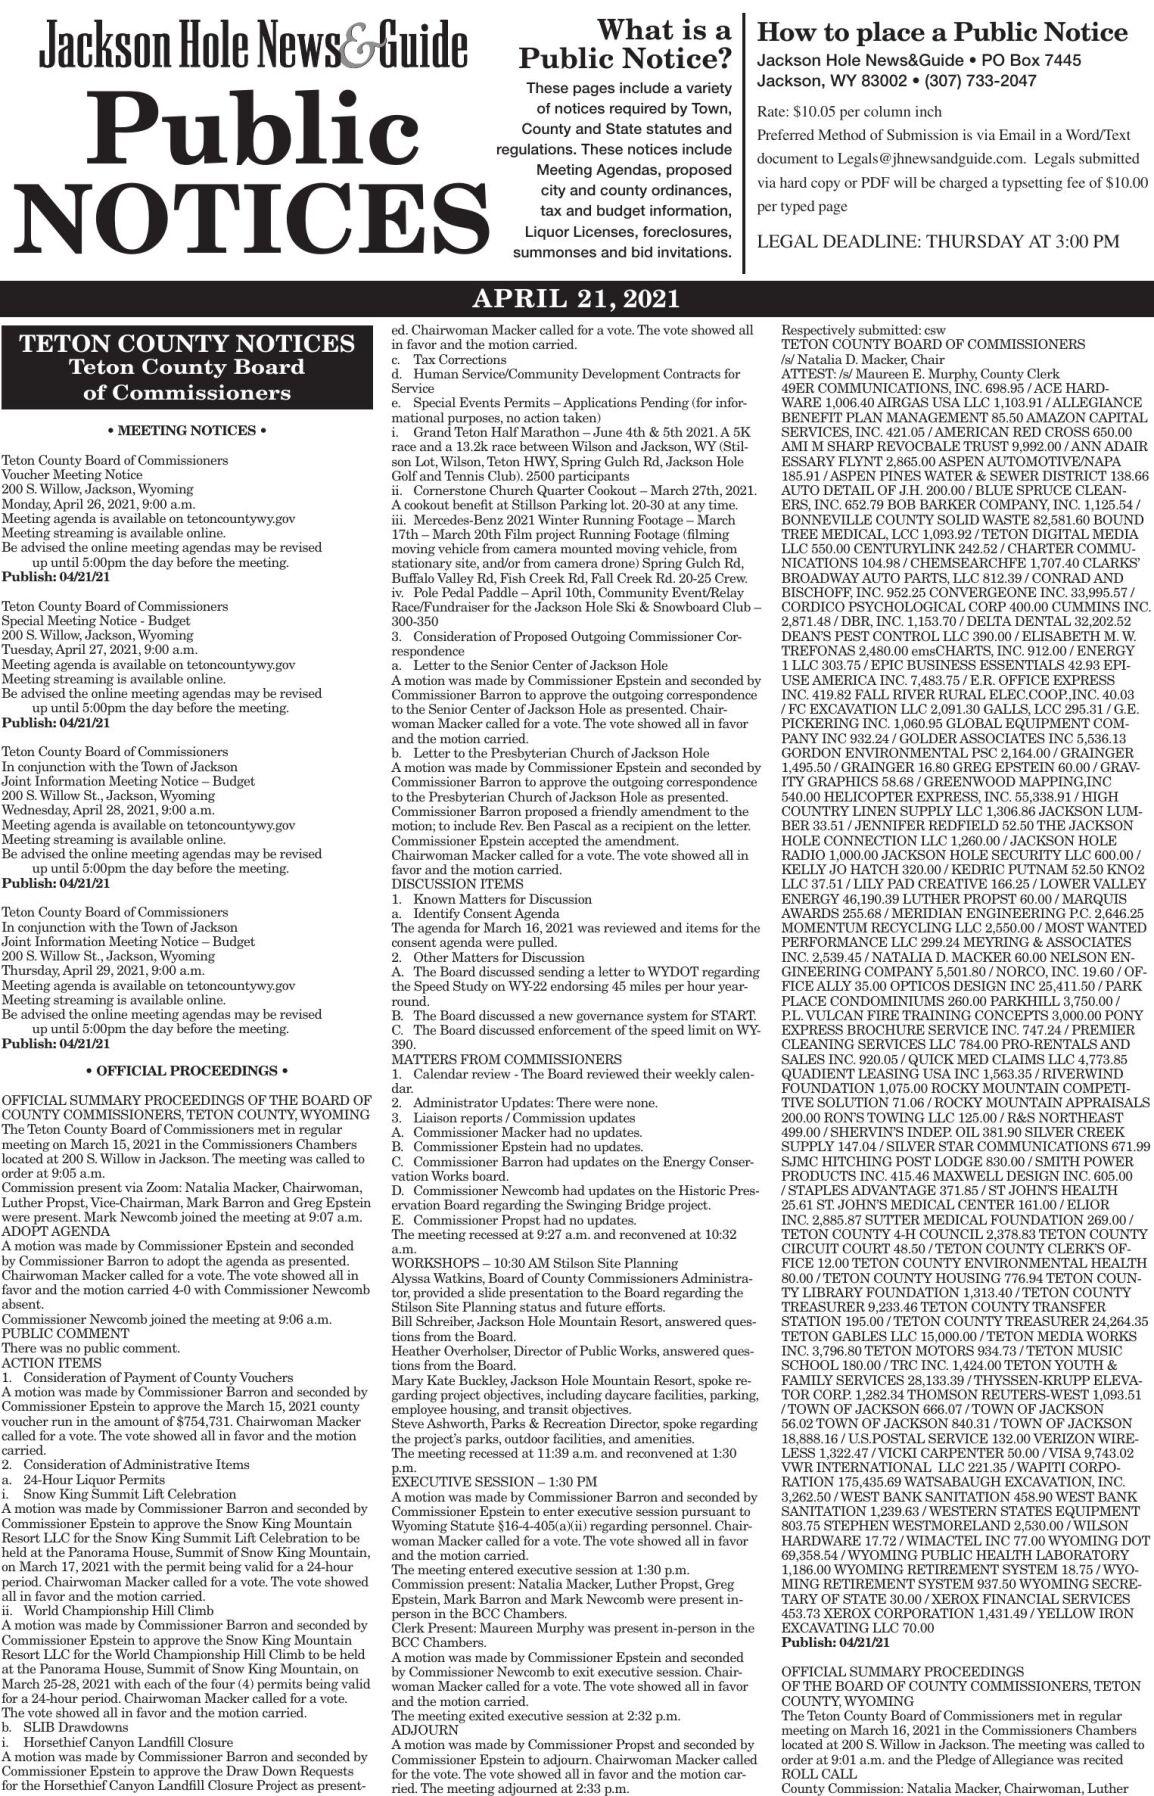 Public Notices, April 21, 2021